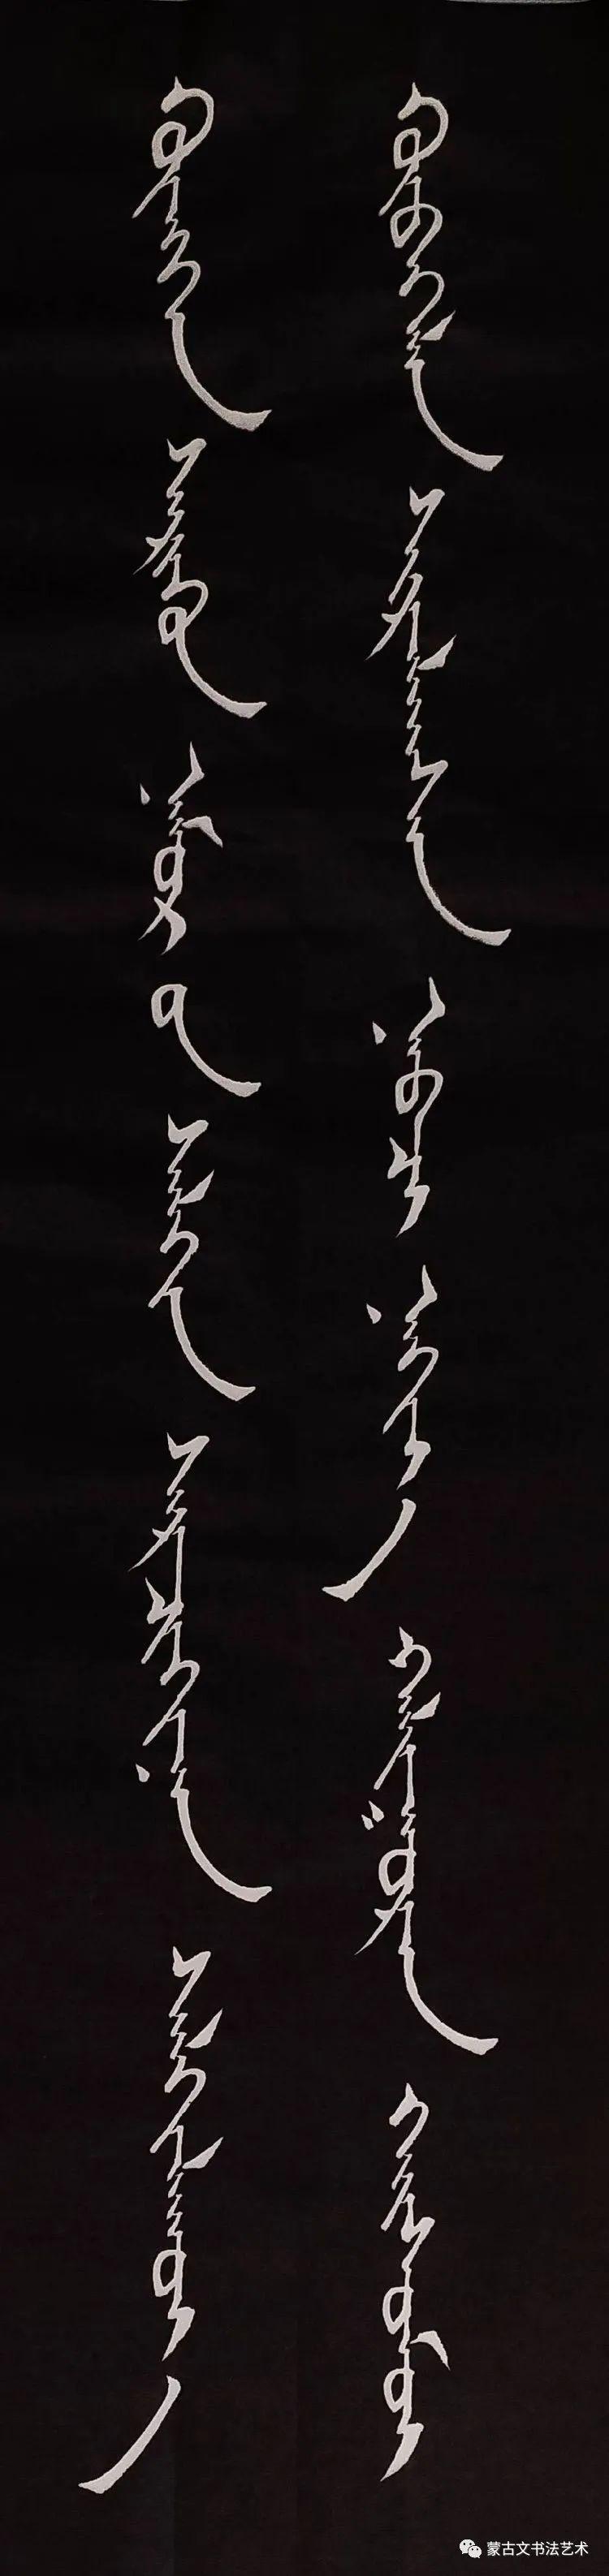 伟花蒙古文书法 第8张 伟花蒙古文书法 蒙古书法